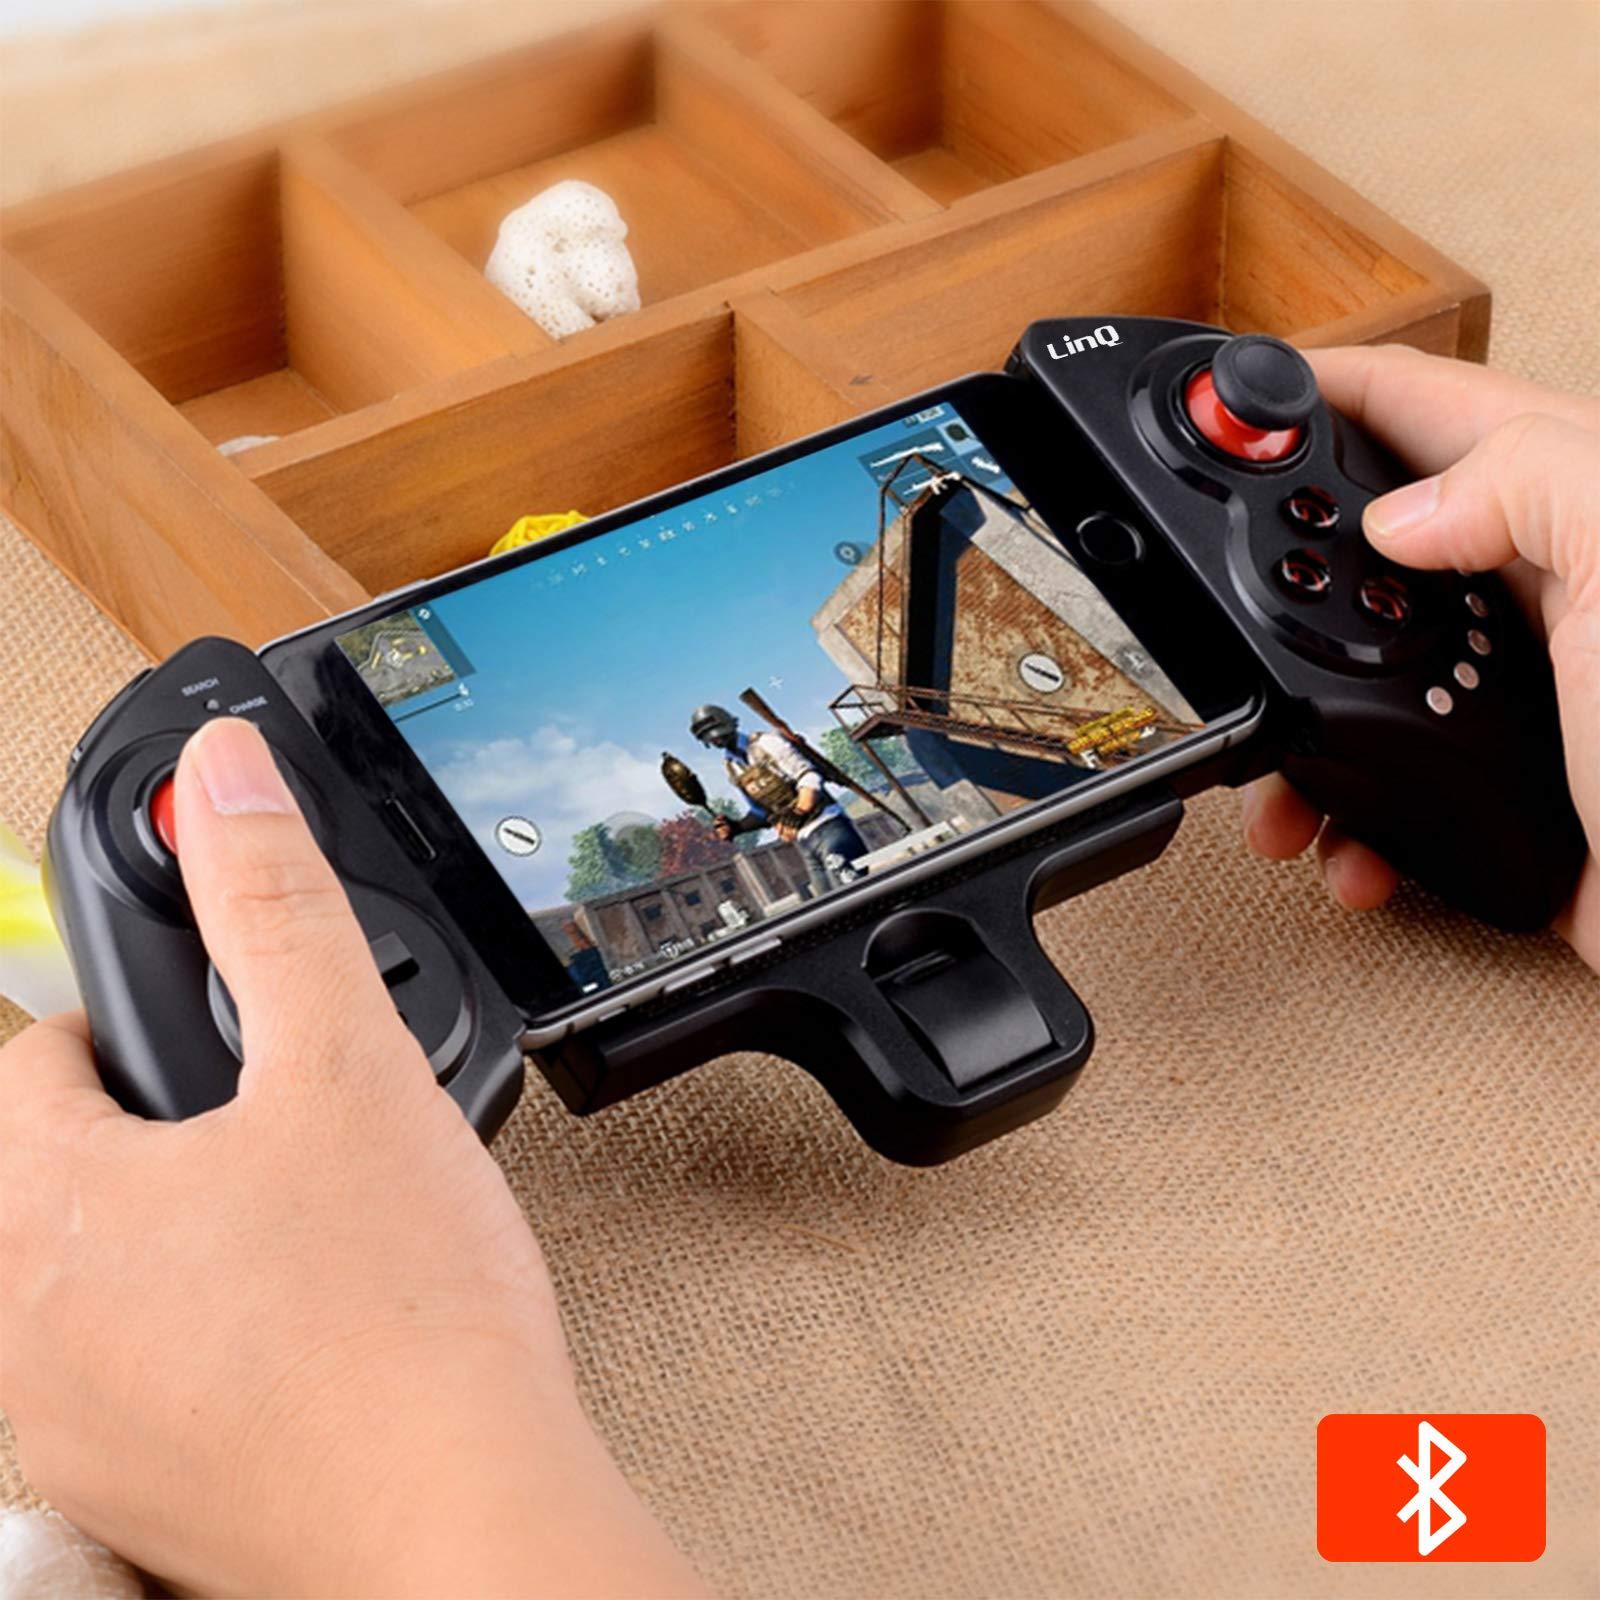 LinQ - Mando inalámbrico extensible para videojuegos con Bluetooth, conexión con cable, autonomía de 10 horas, brazo